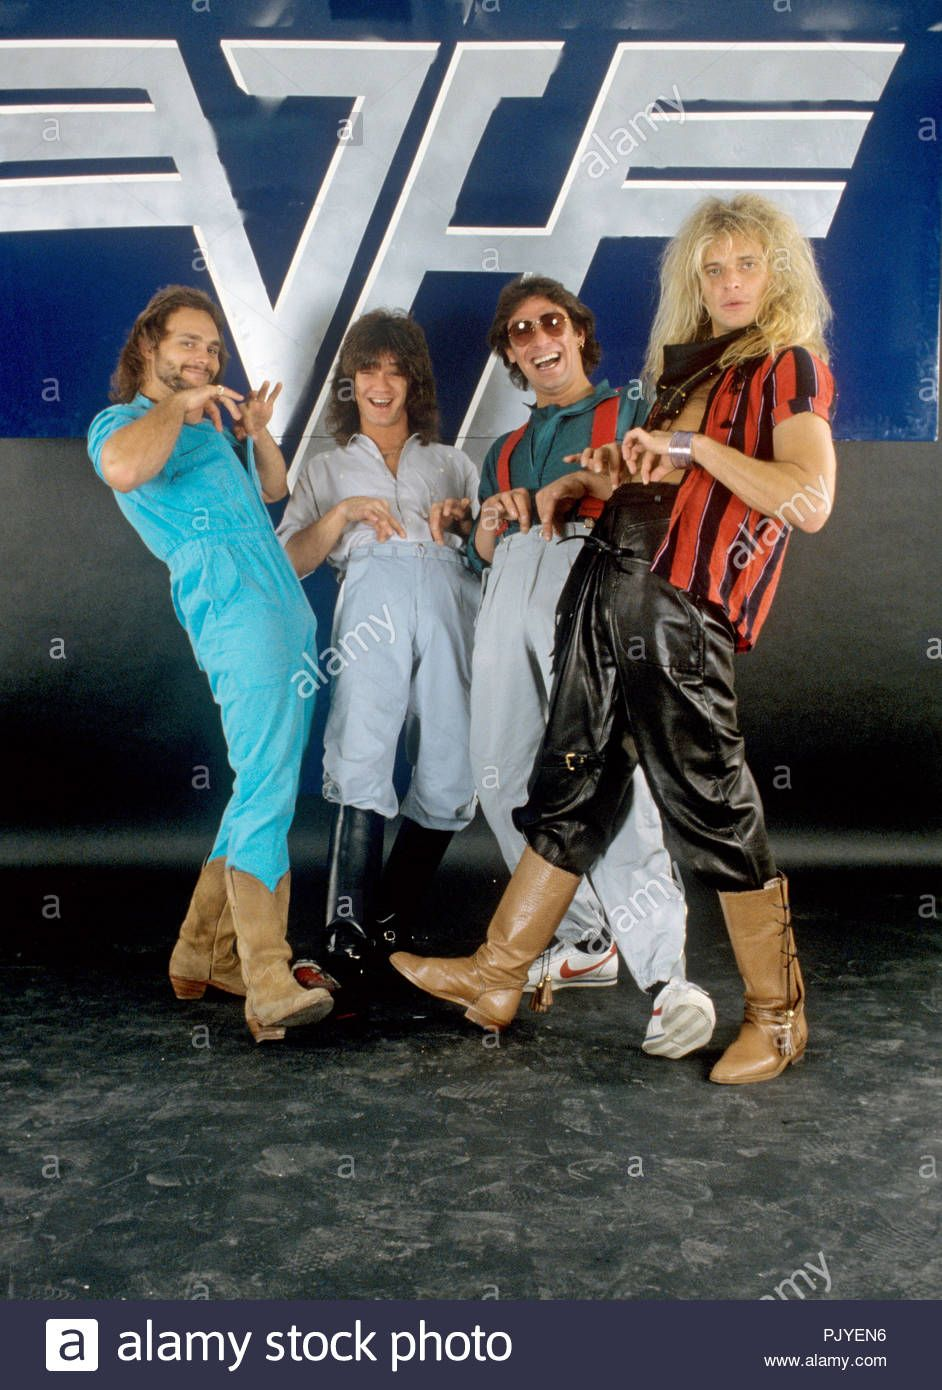 Let S Lean And Flex A Little More Now Rf Van Halen Eddie Van Halen Famous Musicians